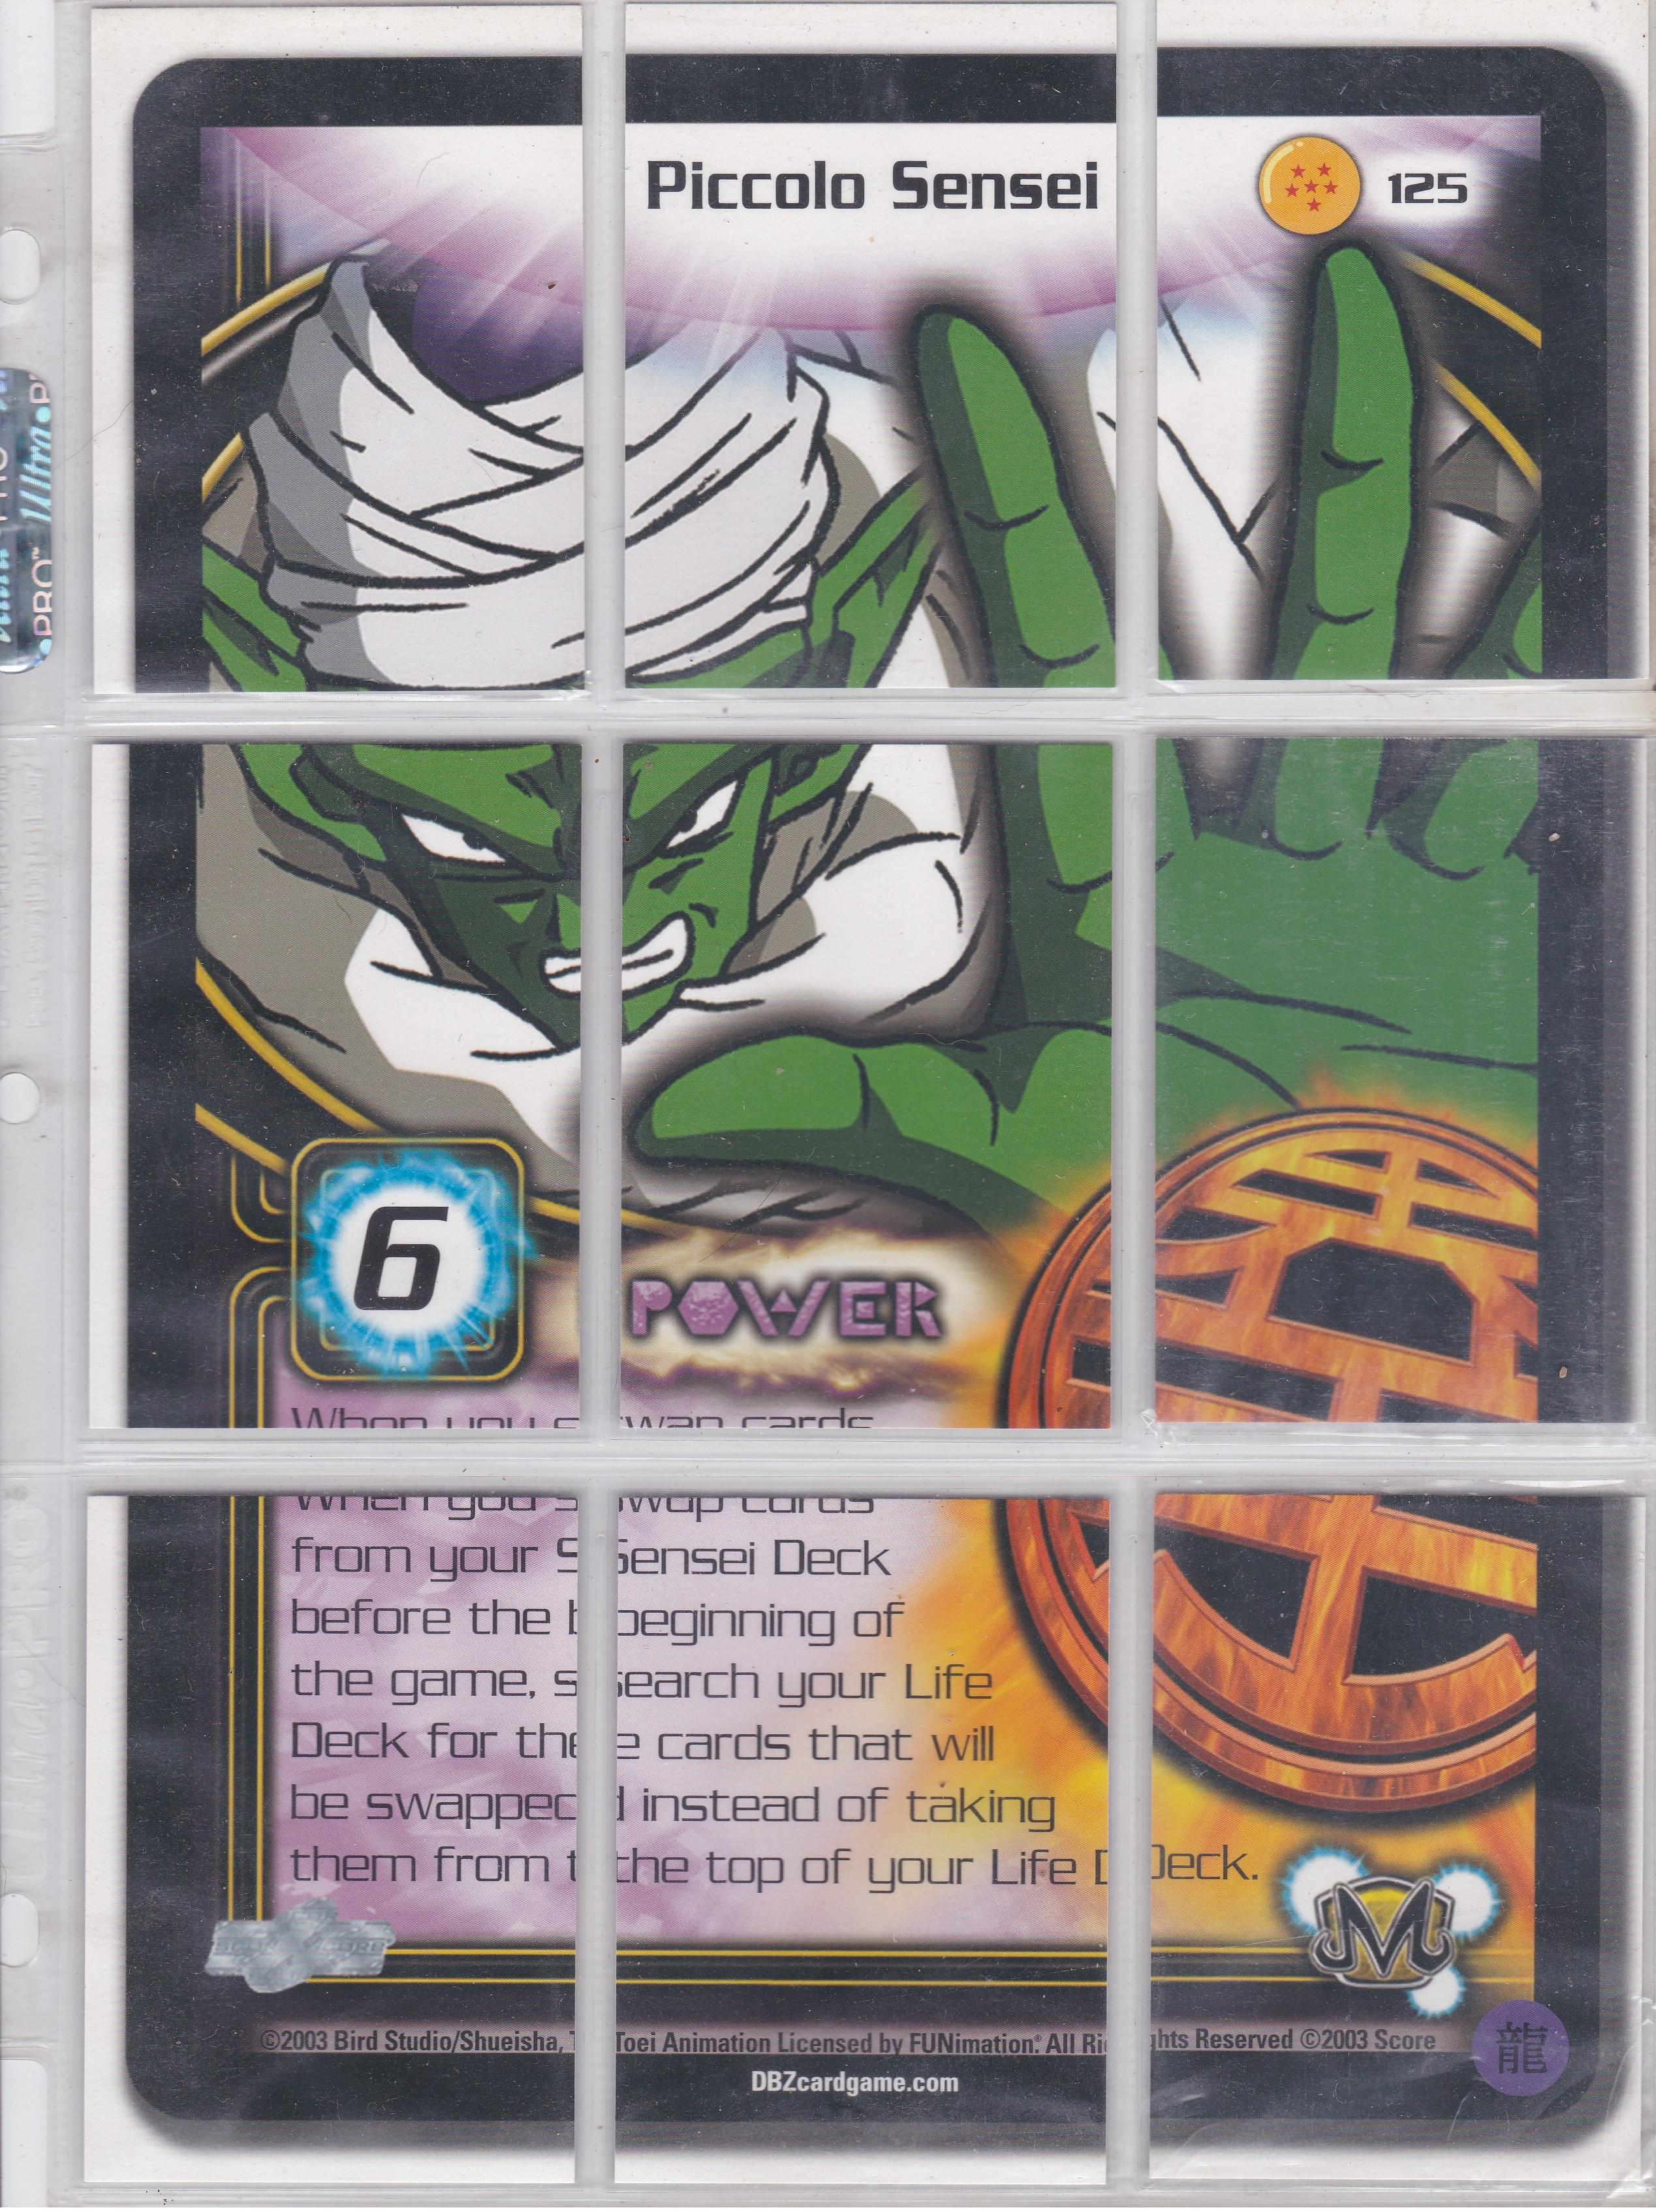 Piccolo Sensei 125 Puzzle